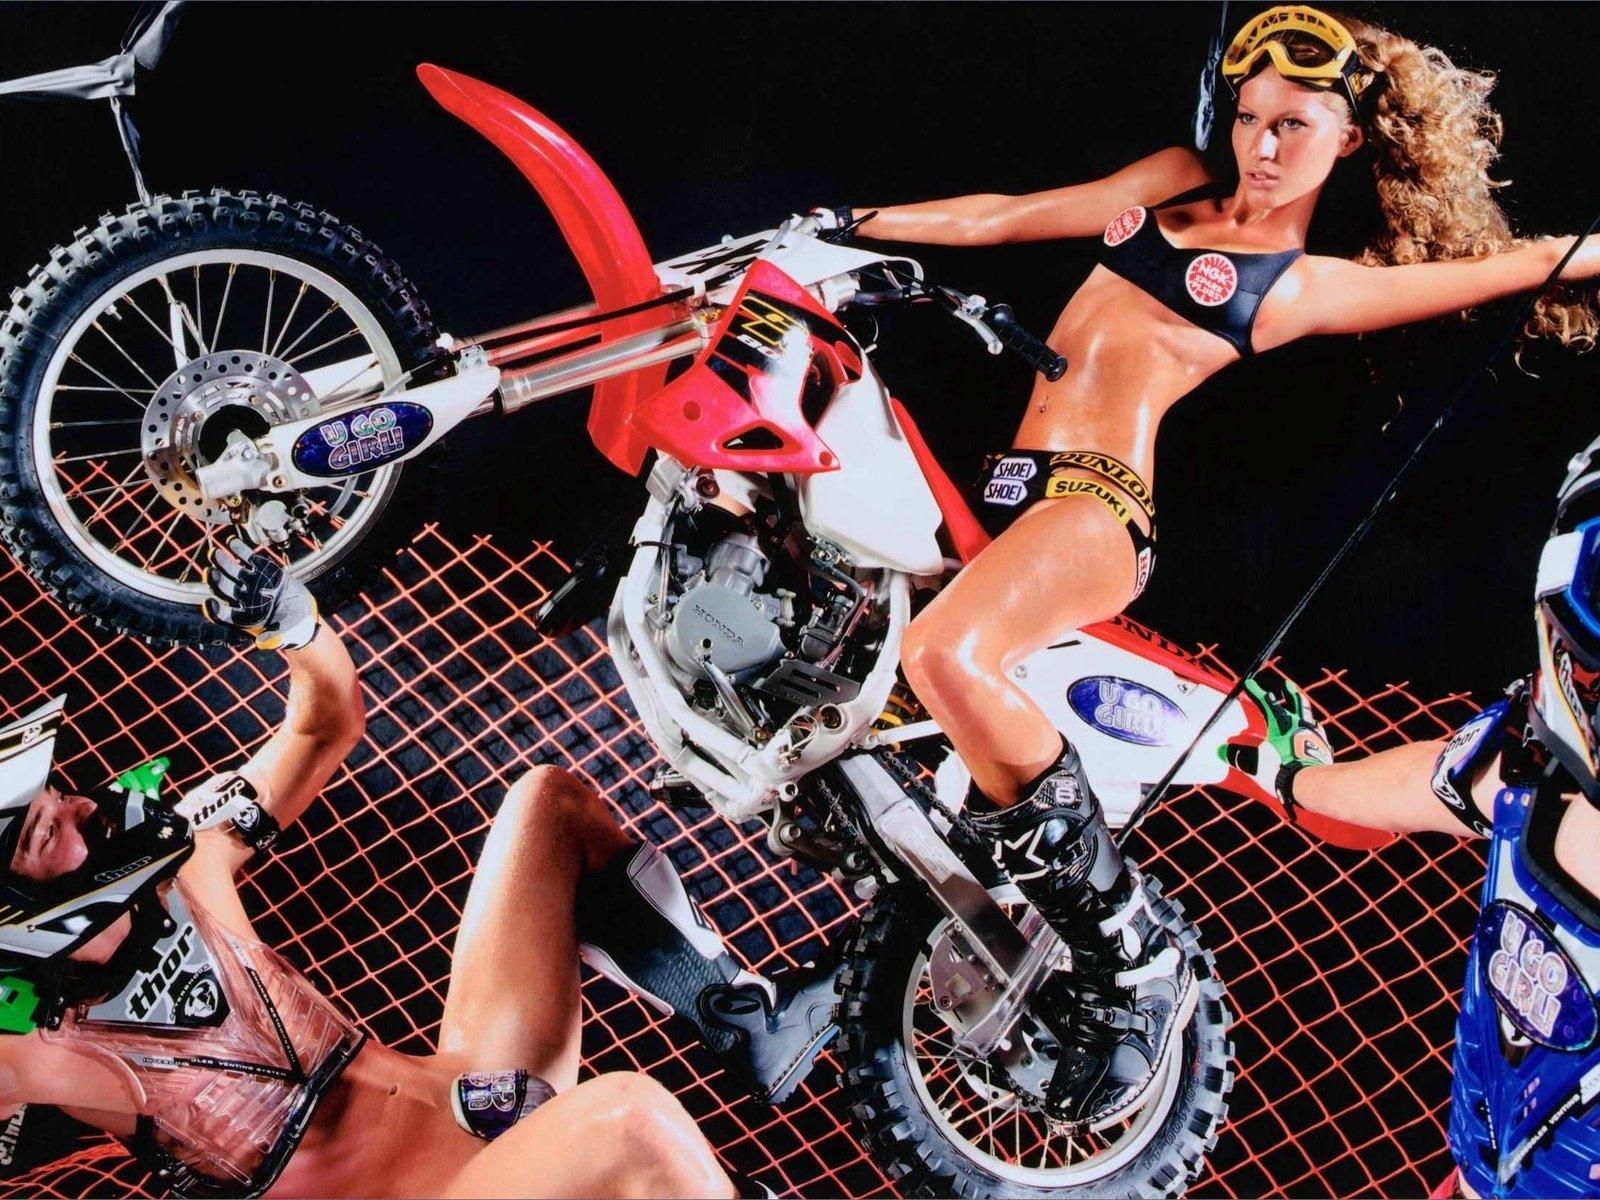 оседлала спортивный мотоцикл обои